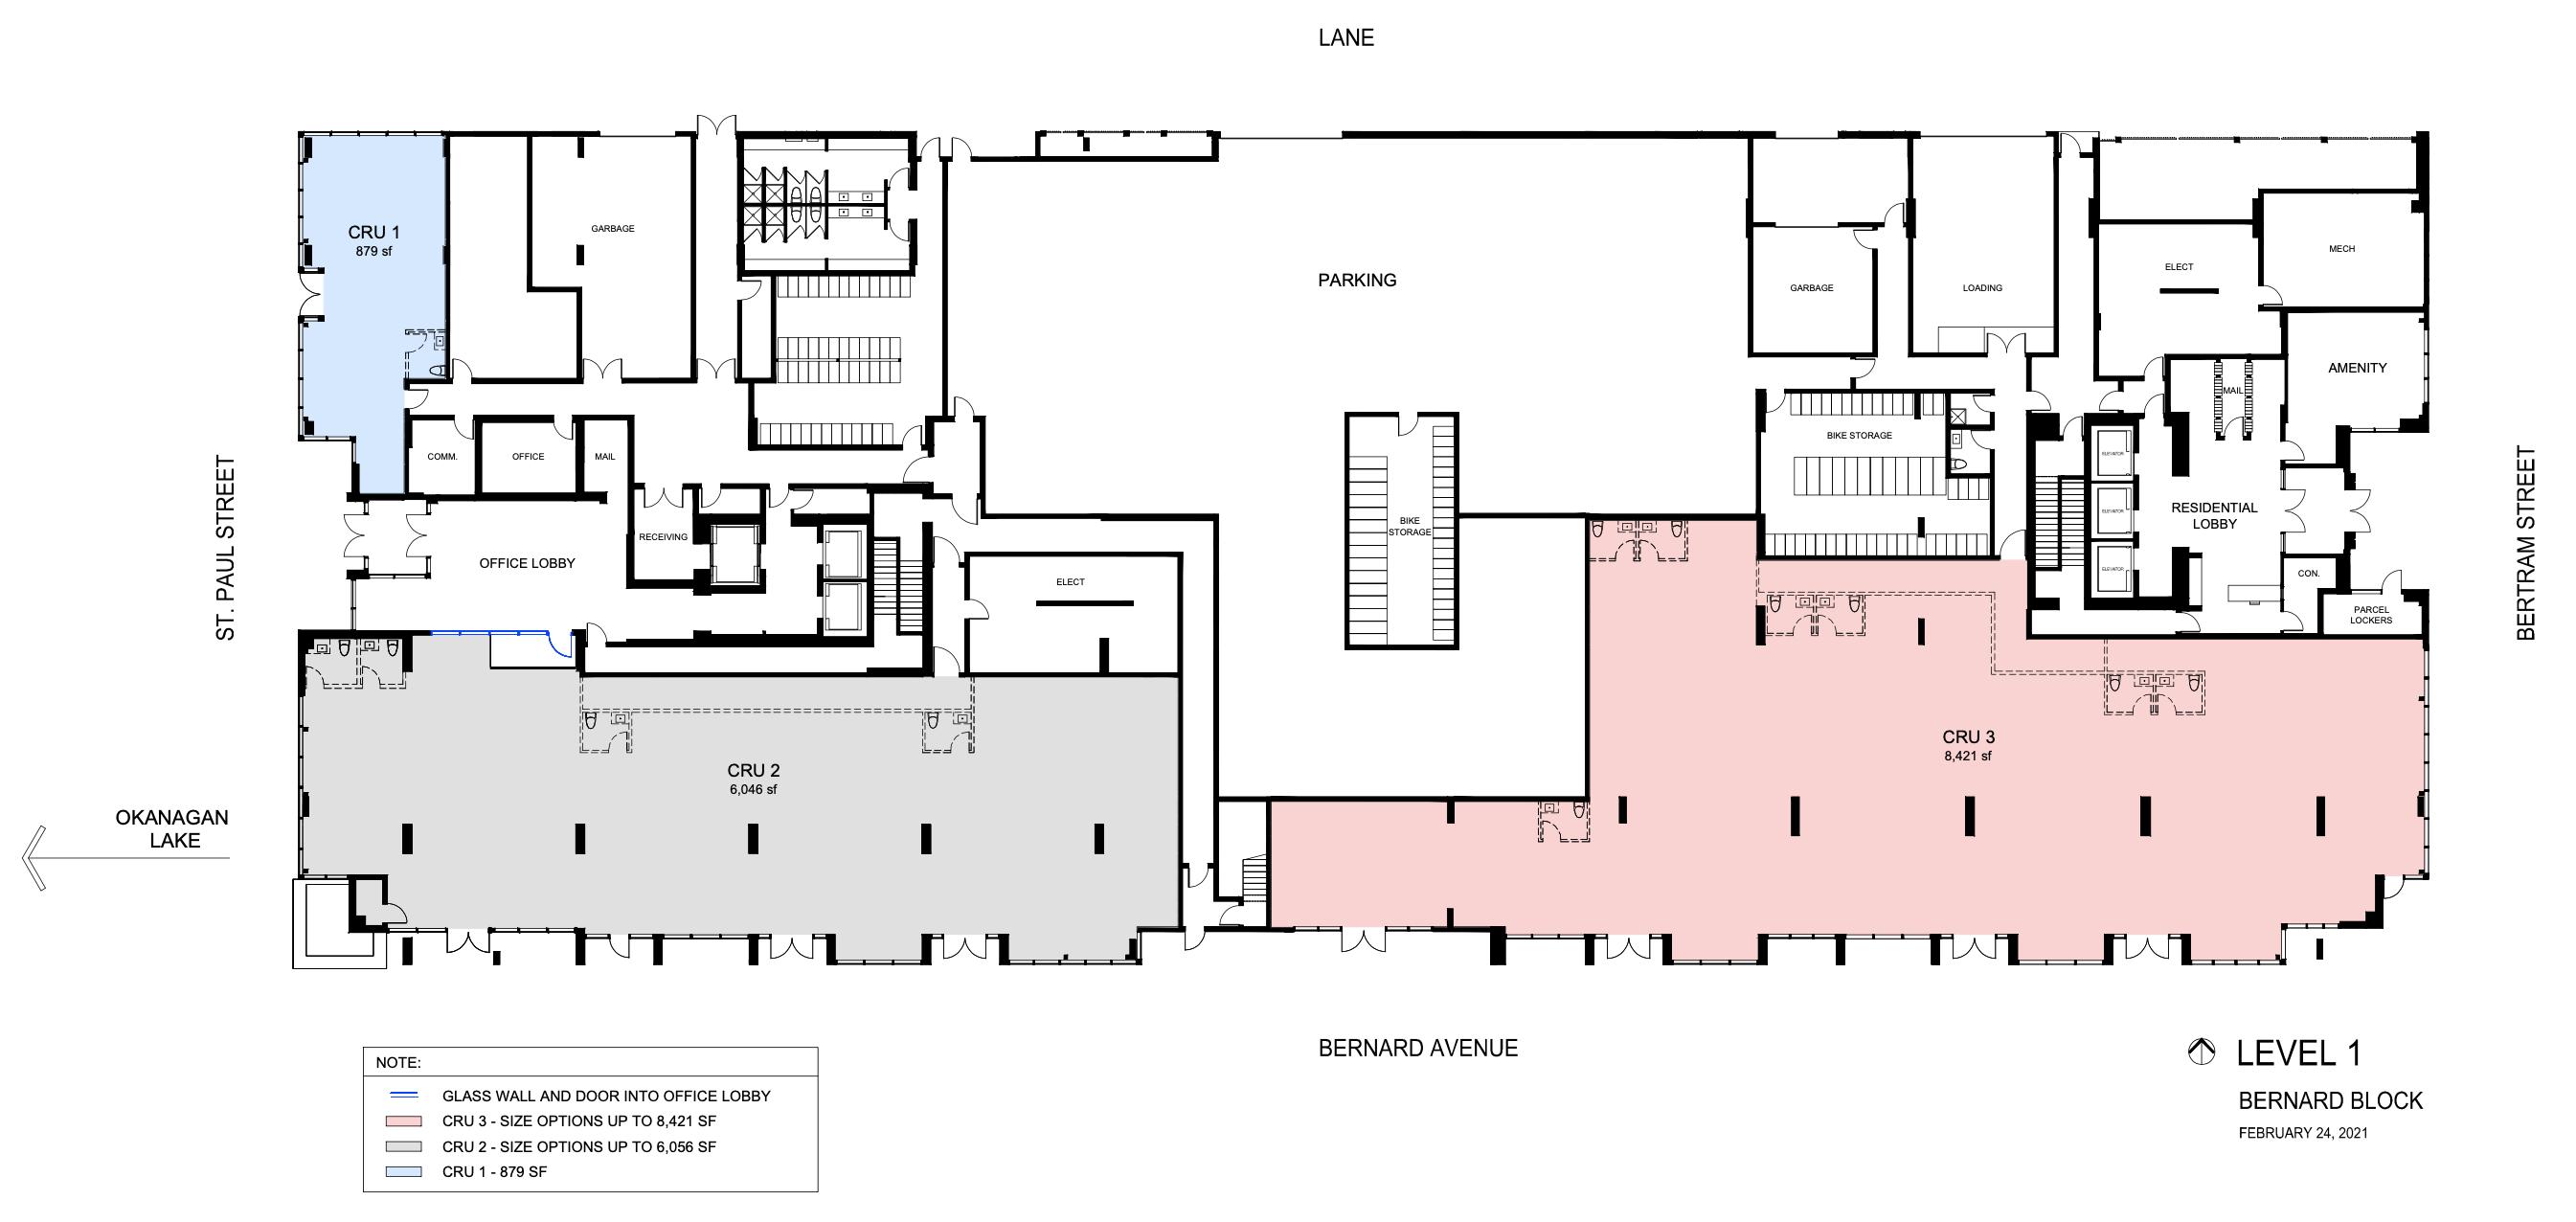 Stacking Floorplans Floor 1